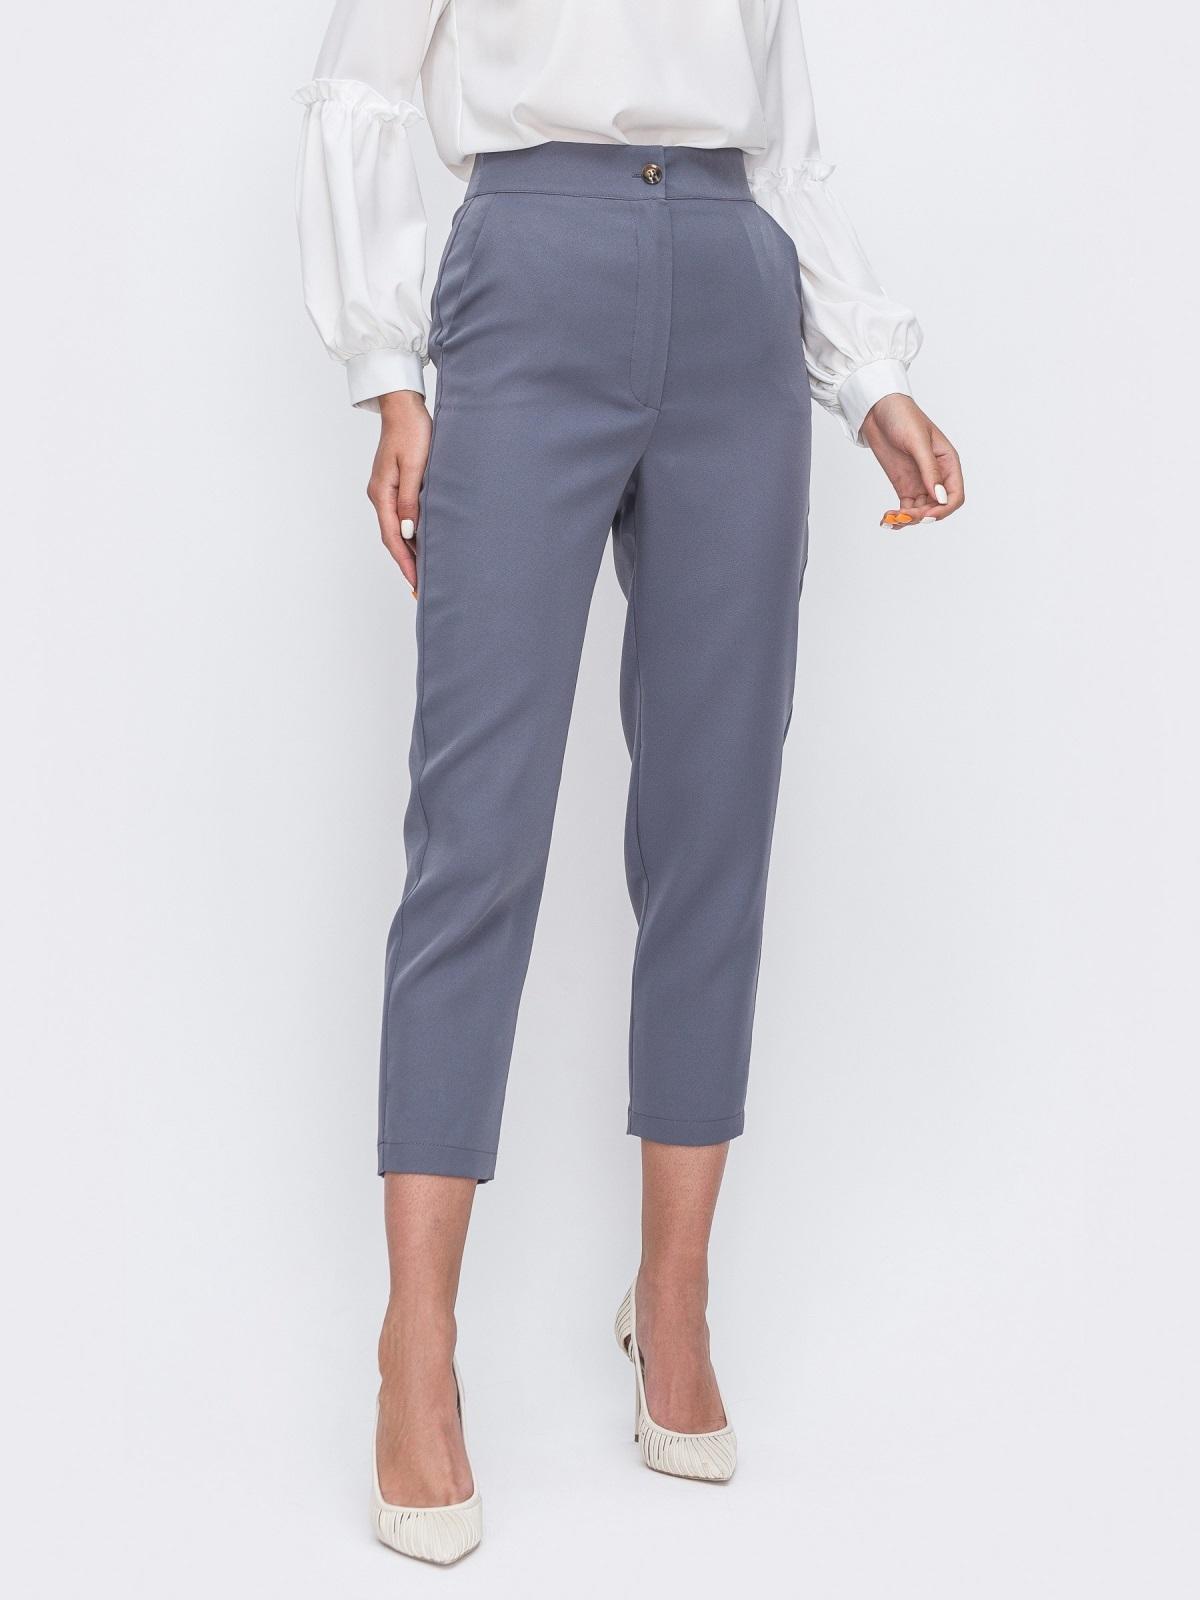 Укороченные брюки с высокой посадкой серые 49401, фото 1